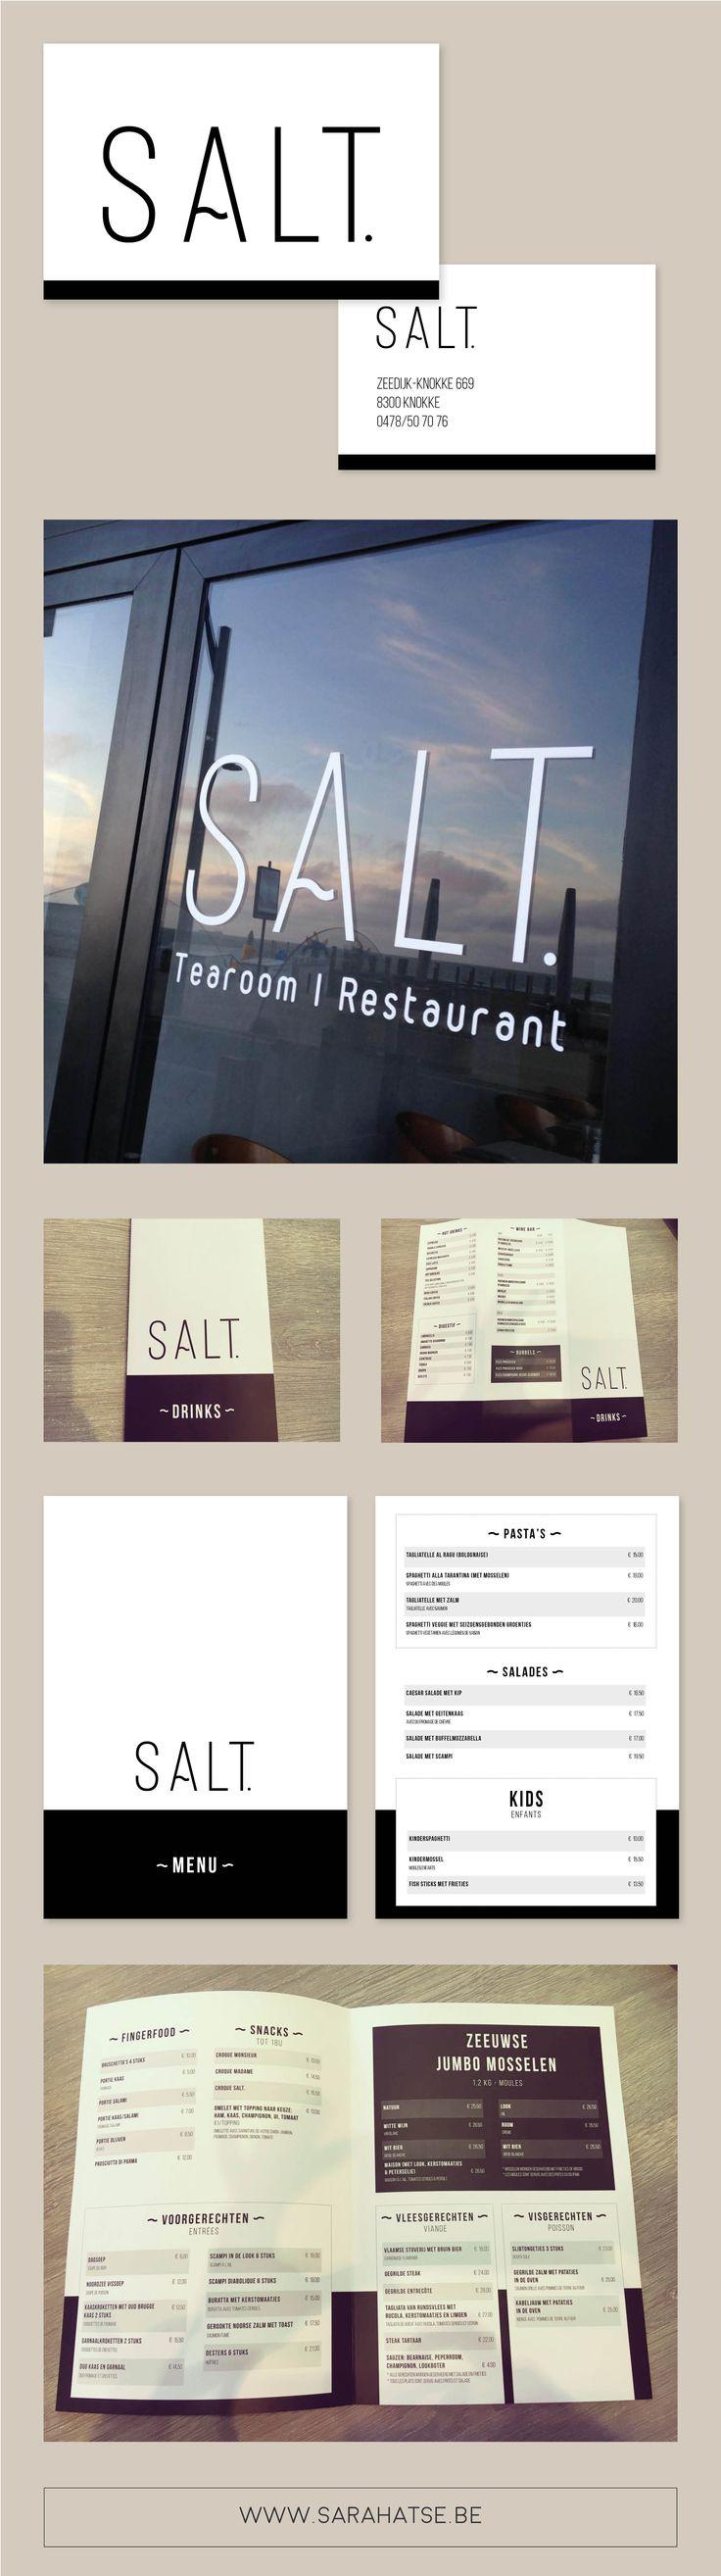 SALT. - Grafisch ontwerp by Sara & Ingemar